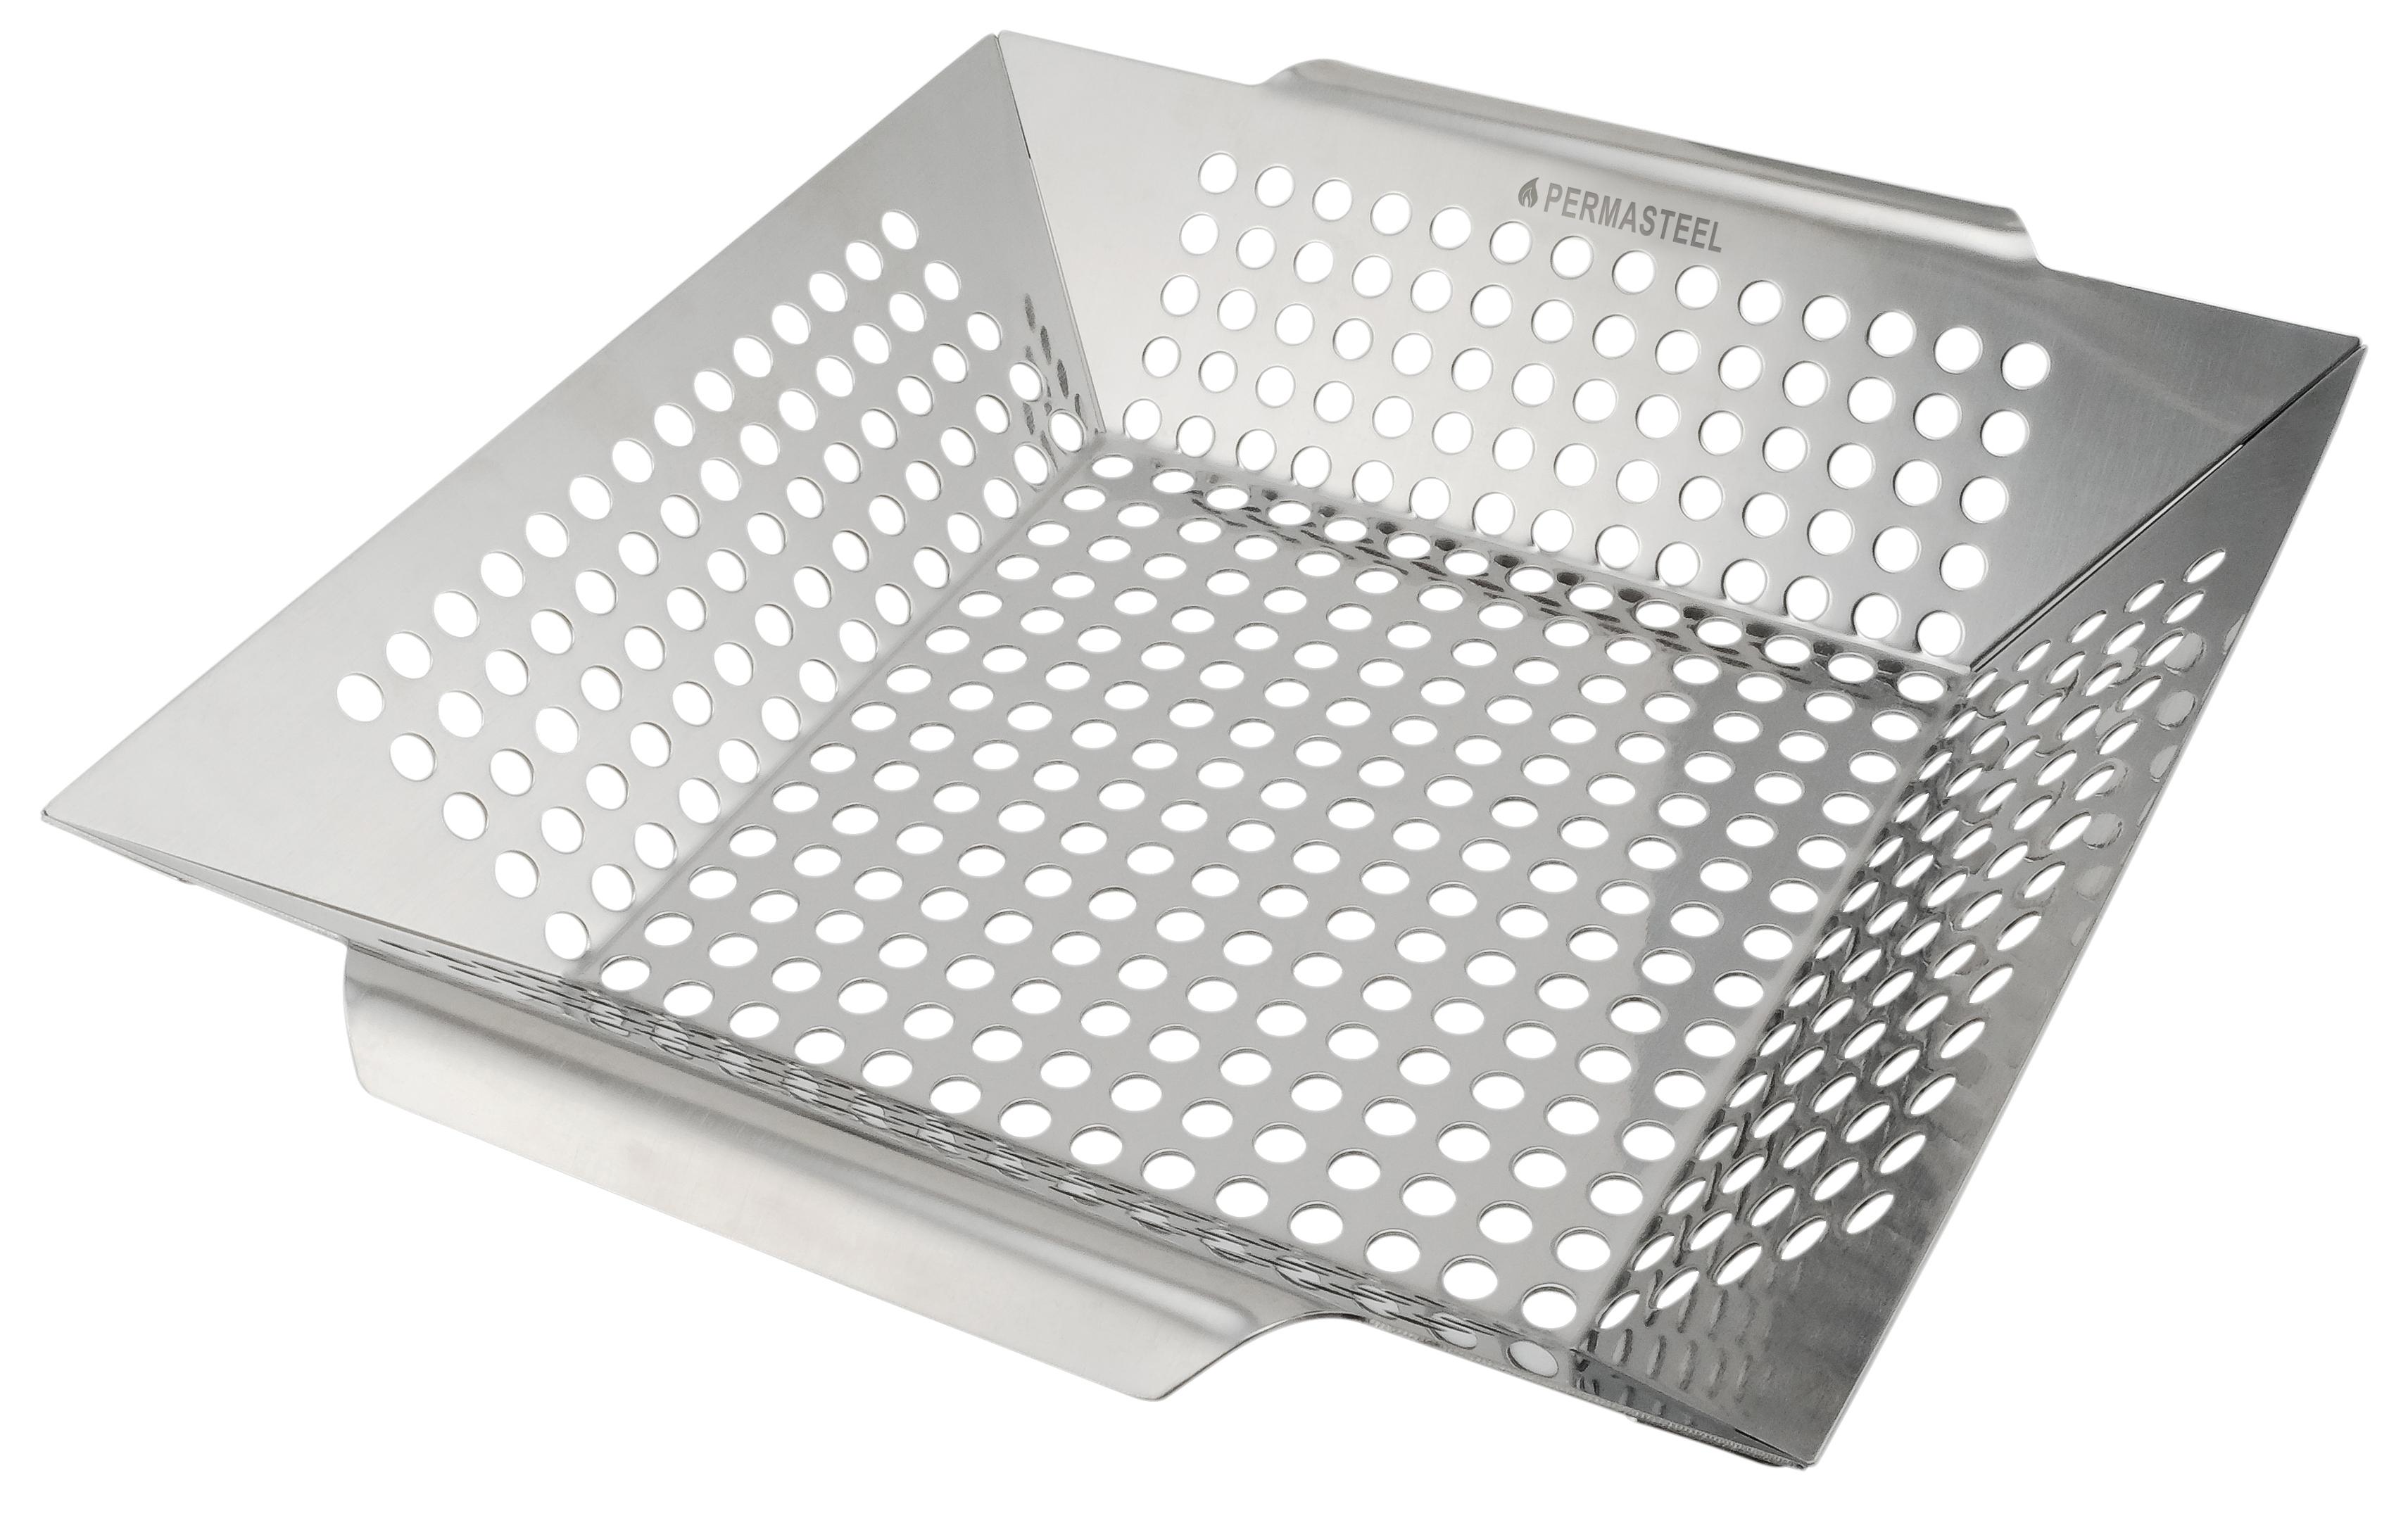 Permasteel Heavy Duty Stainless Steel Grill Basket